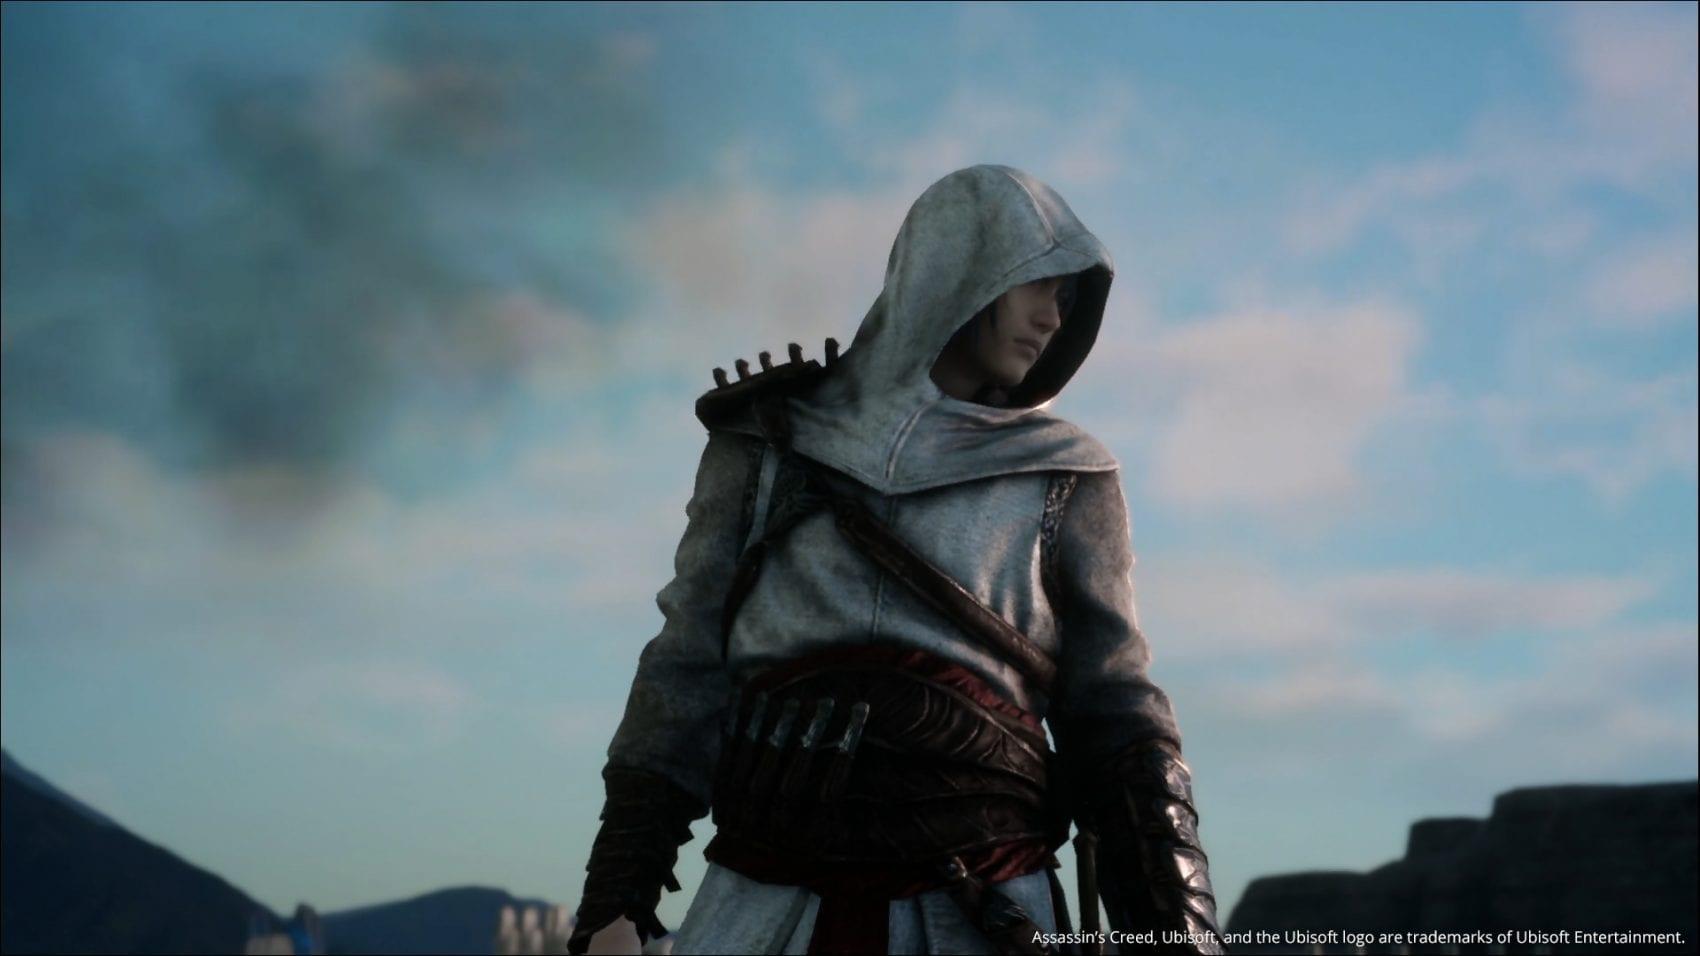 Final Fantasy XV Assassin's Creed Assassin Festival Noctis